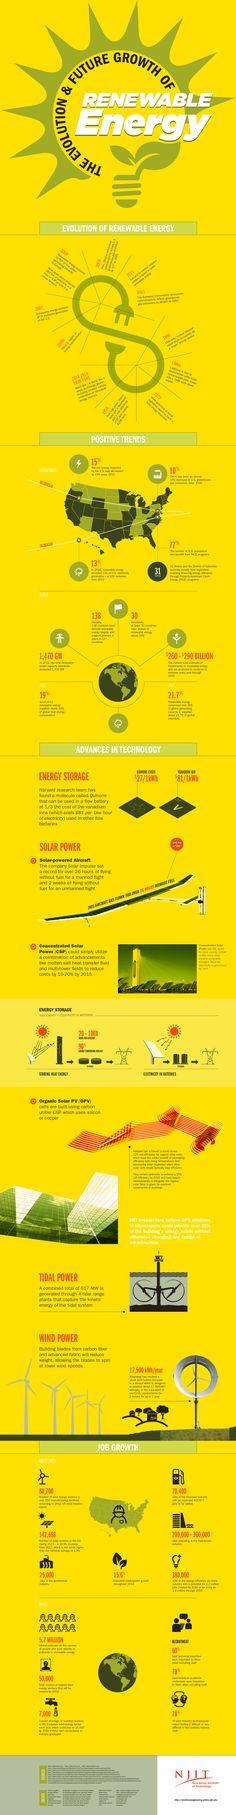 Evolution of Renewable Energy #Infographic #Renewable #Energy